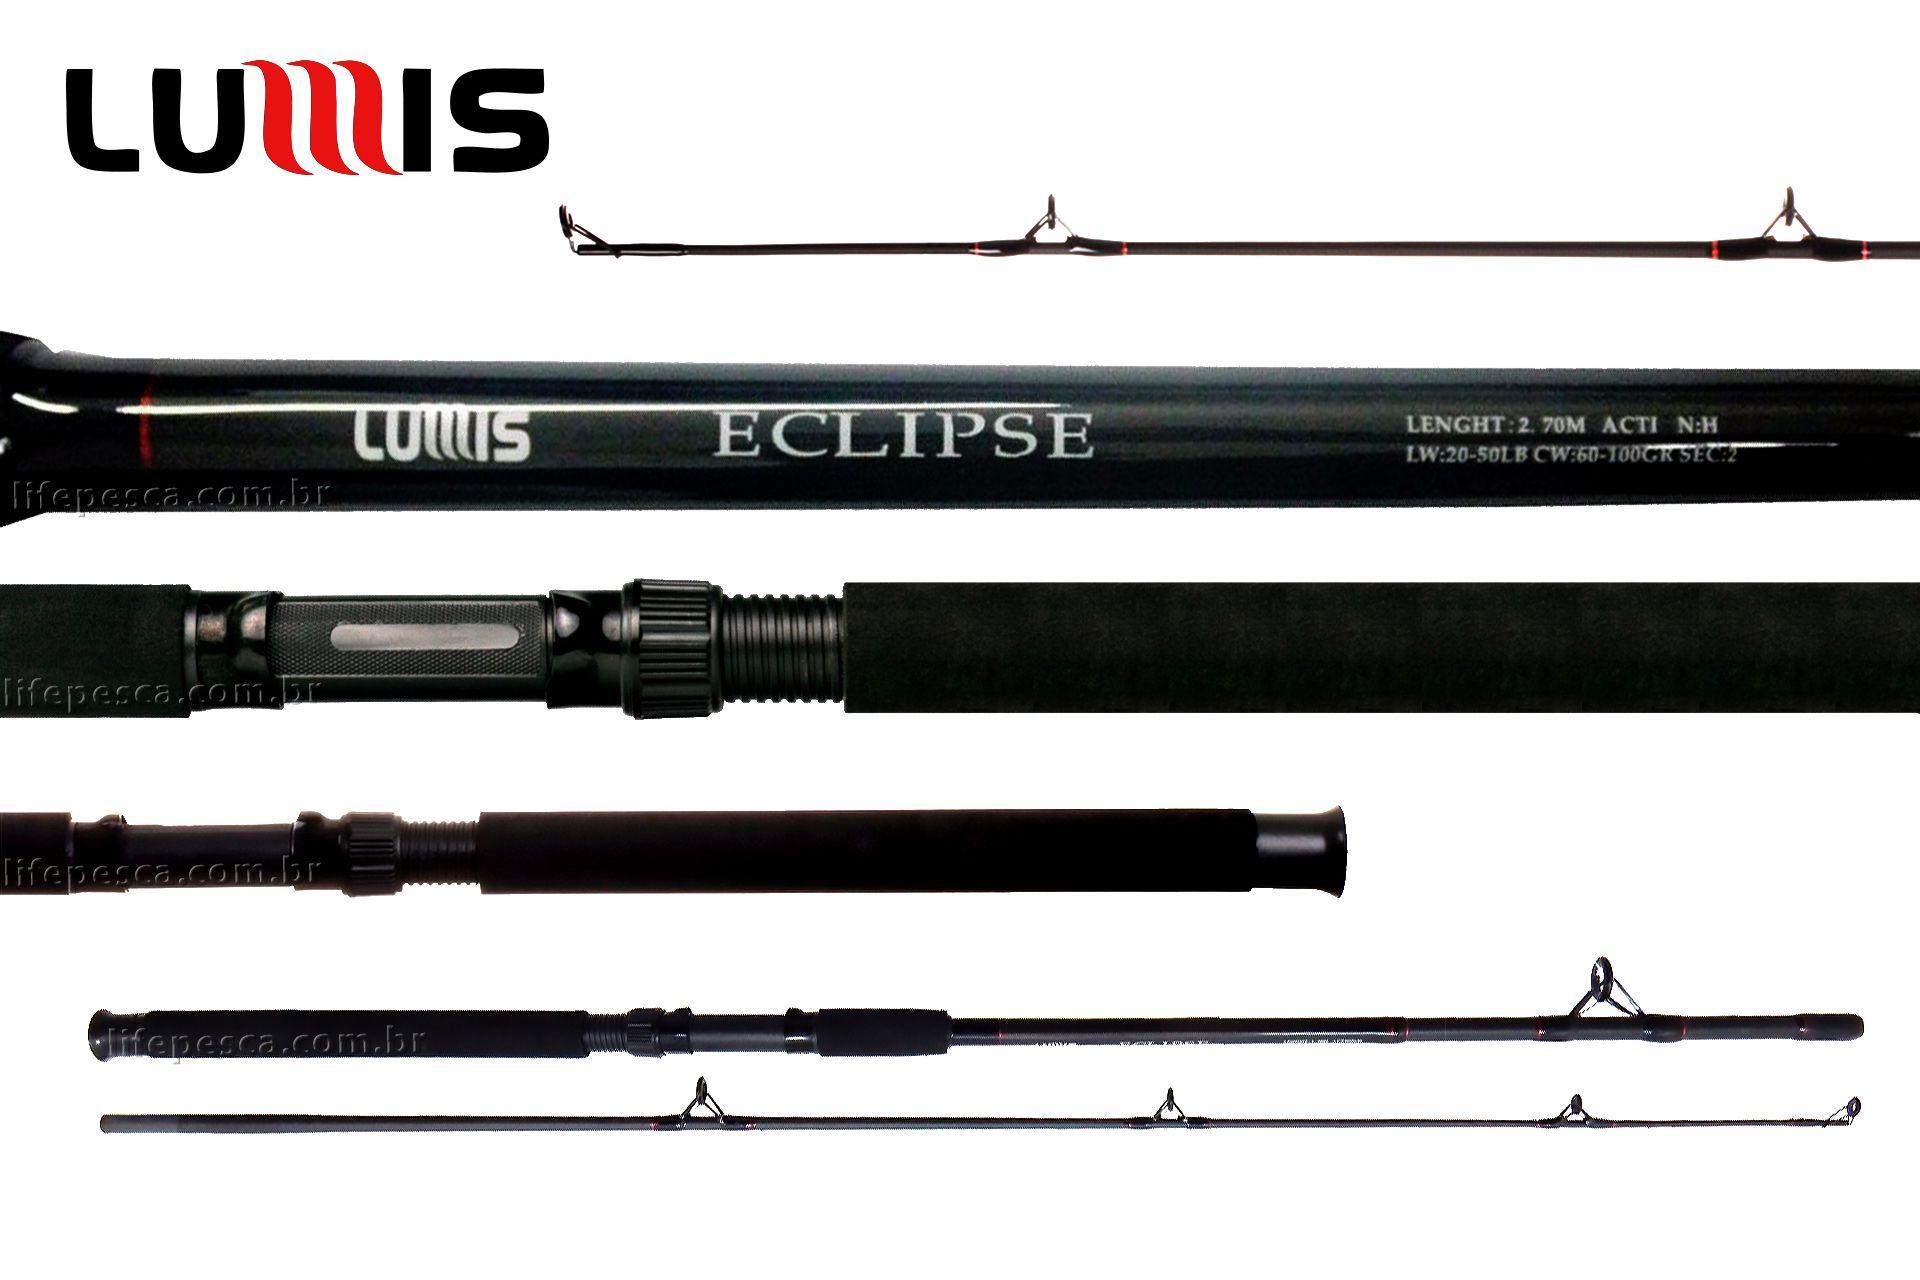 Vara Para Molinete Lumis Eclipse Spin 8 8 (2,70m) 20-50Lbs - E270 - 2 Partes  - Life Pesca - Sua loja de Pesca, Camping e Lazer